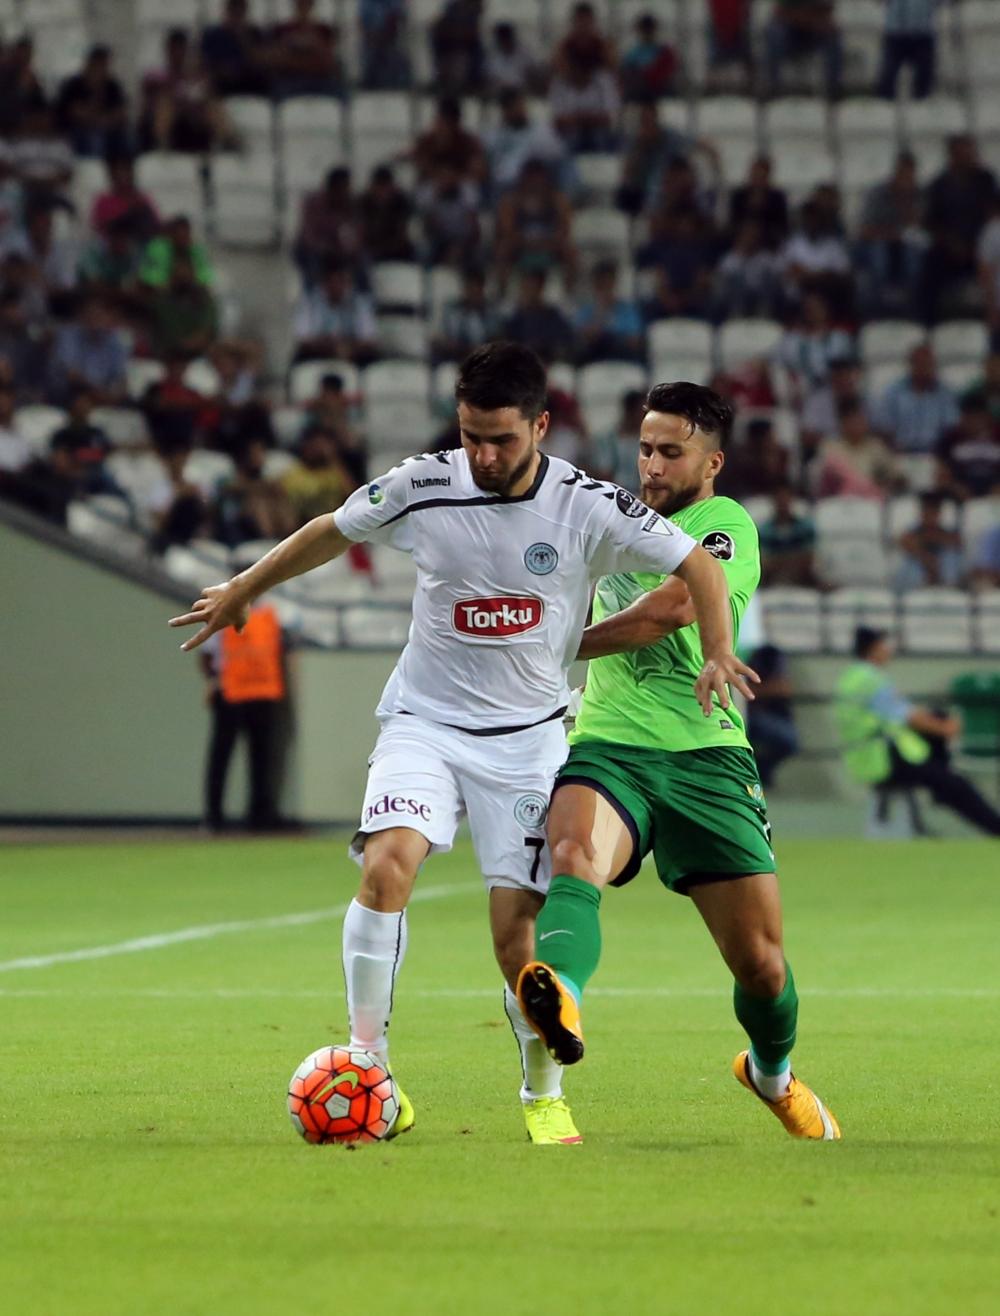 Torku Konyaspor-Akhisar Belediyespor: 1-1 34